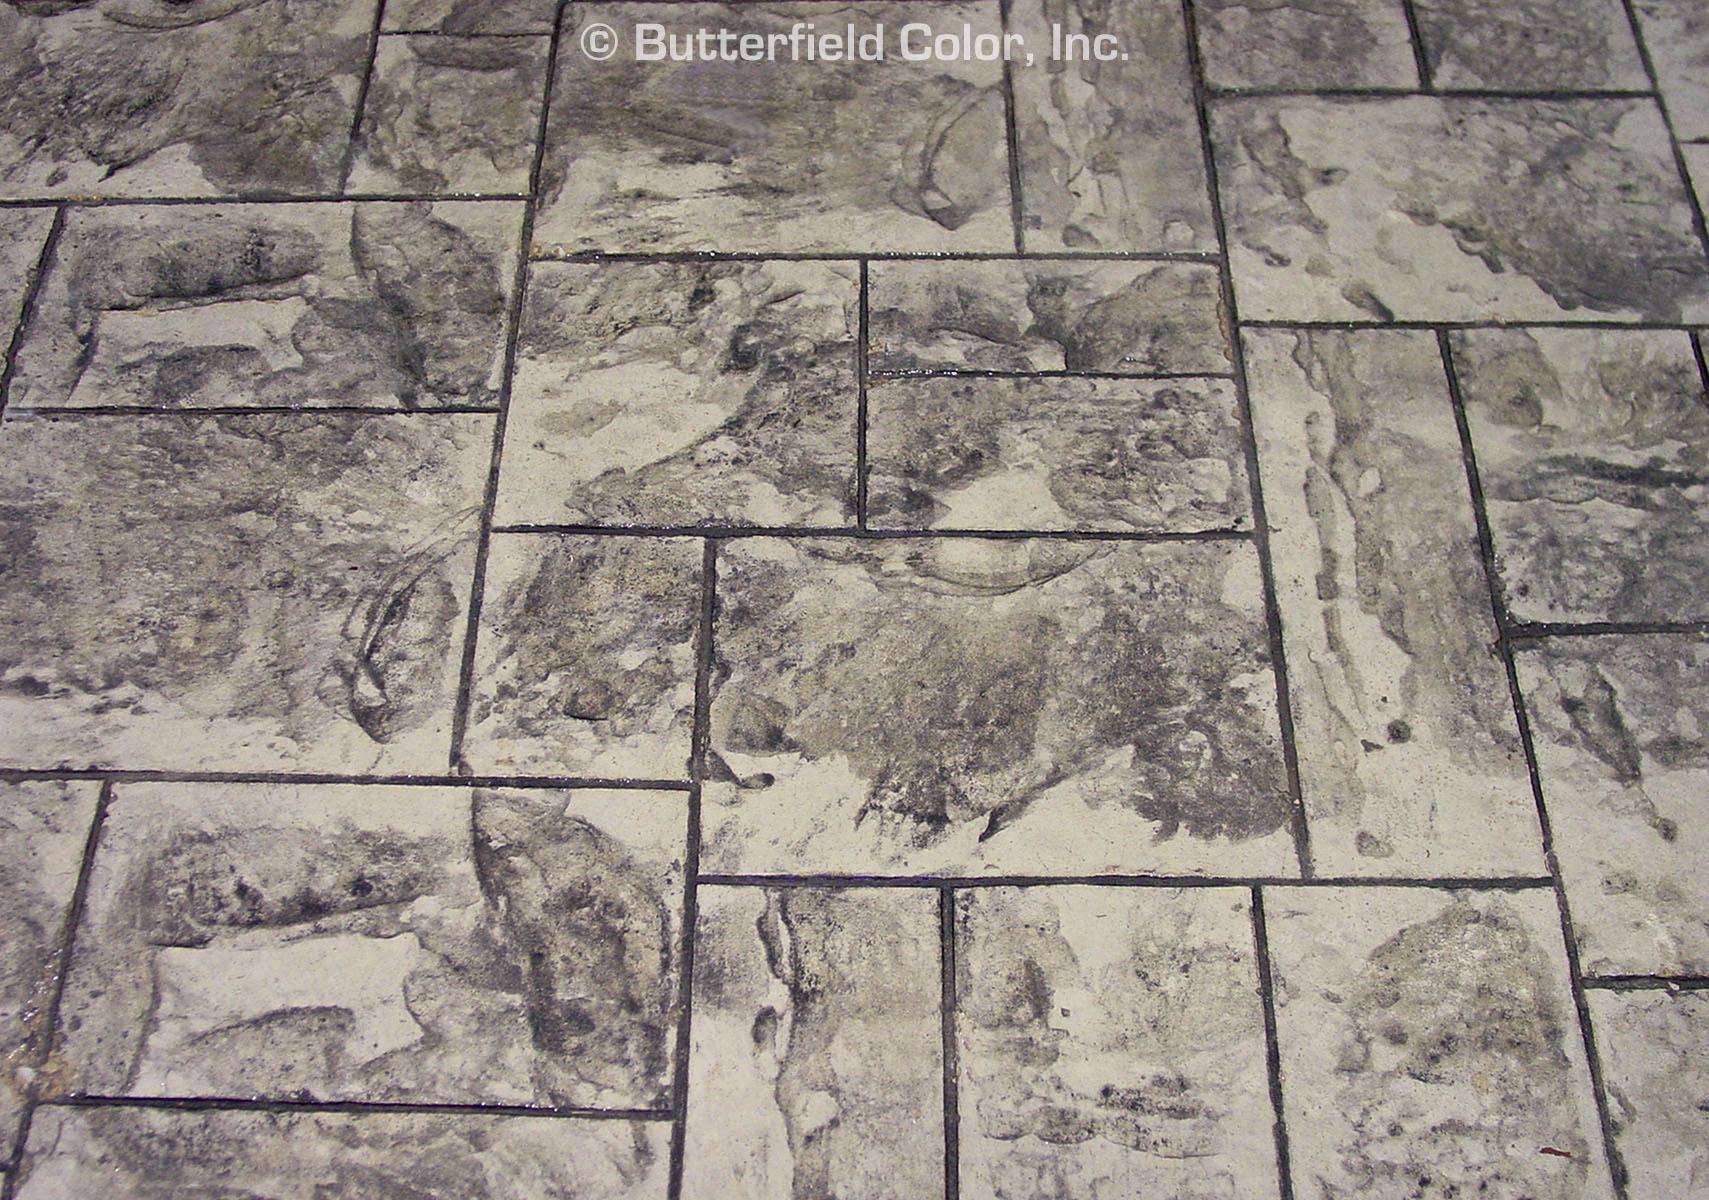 Butterfield Color Butterfield Color Butterfield Color S